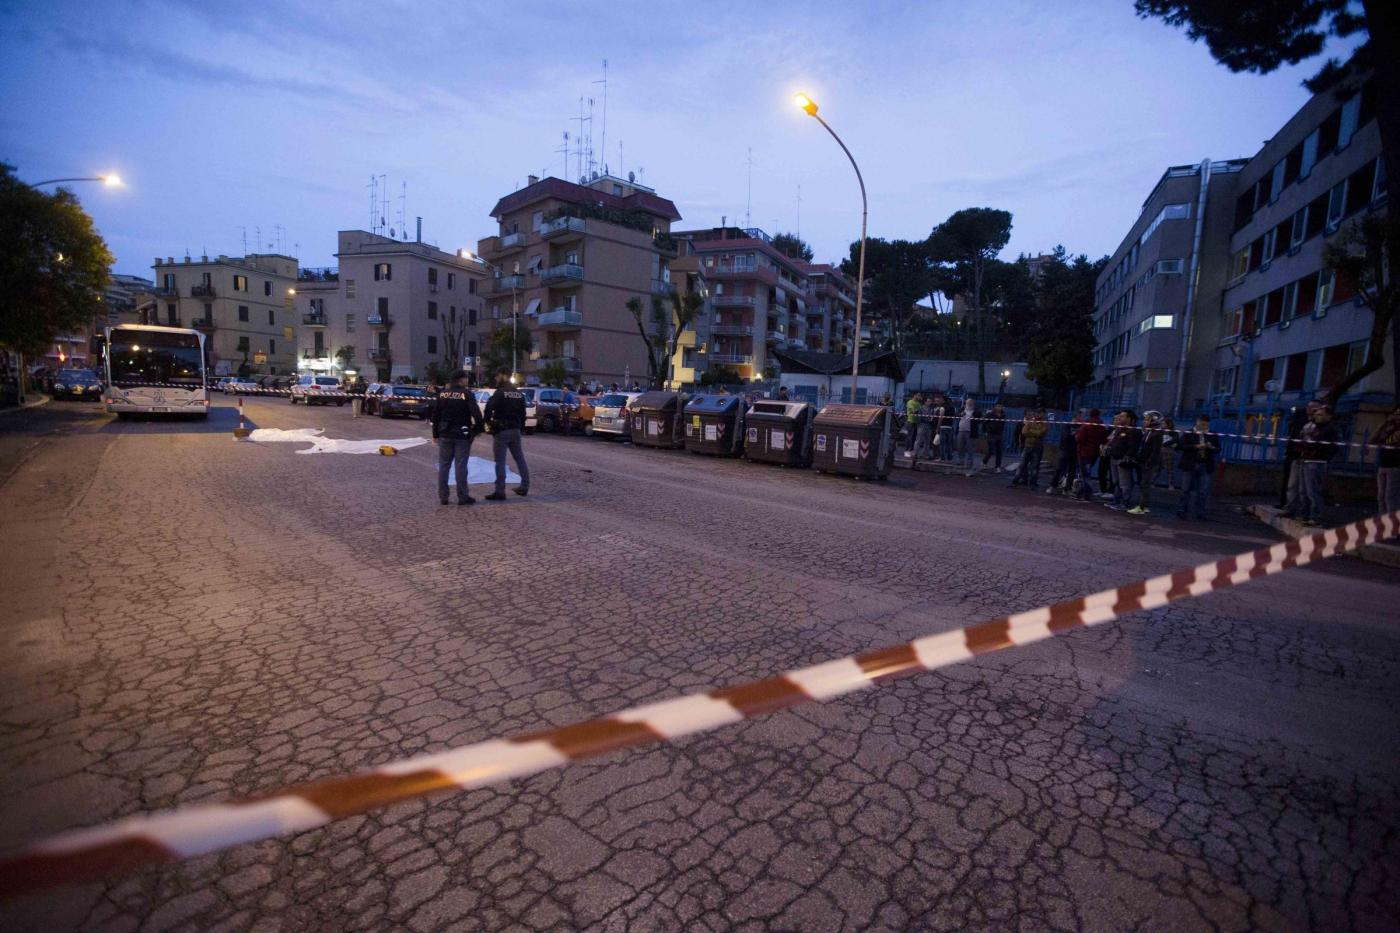 Auto pirata a Roma travolge 9 passanti, una vittima: identificati i 2 minorenni in fuga